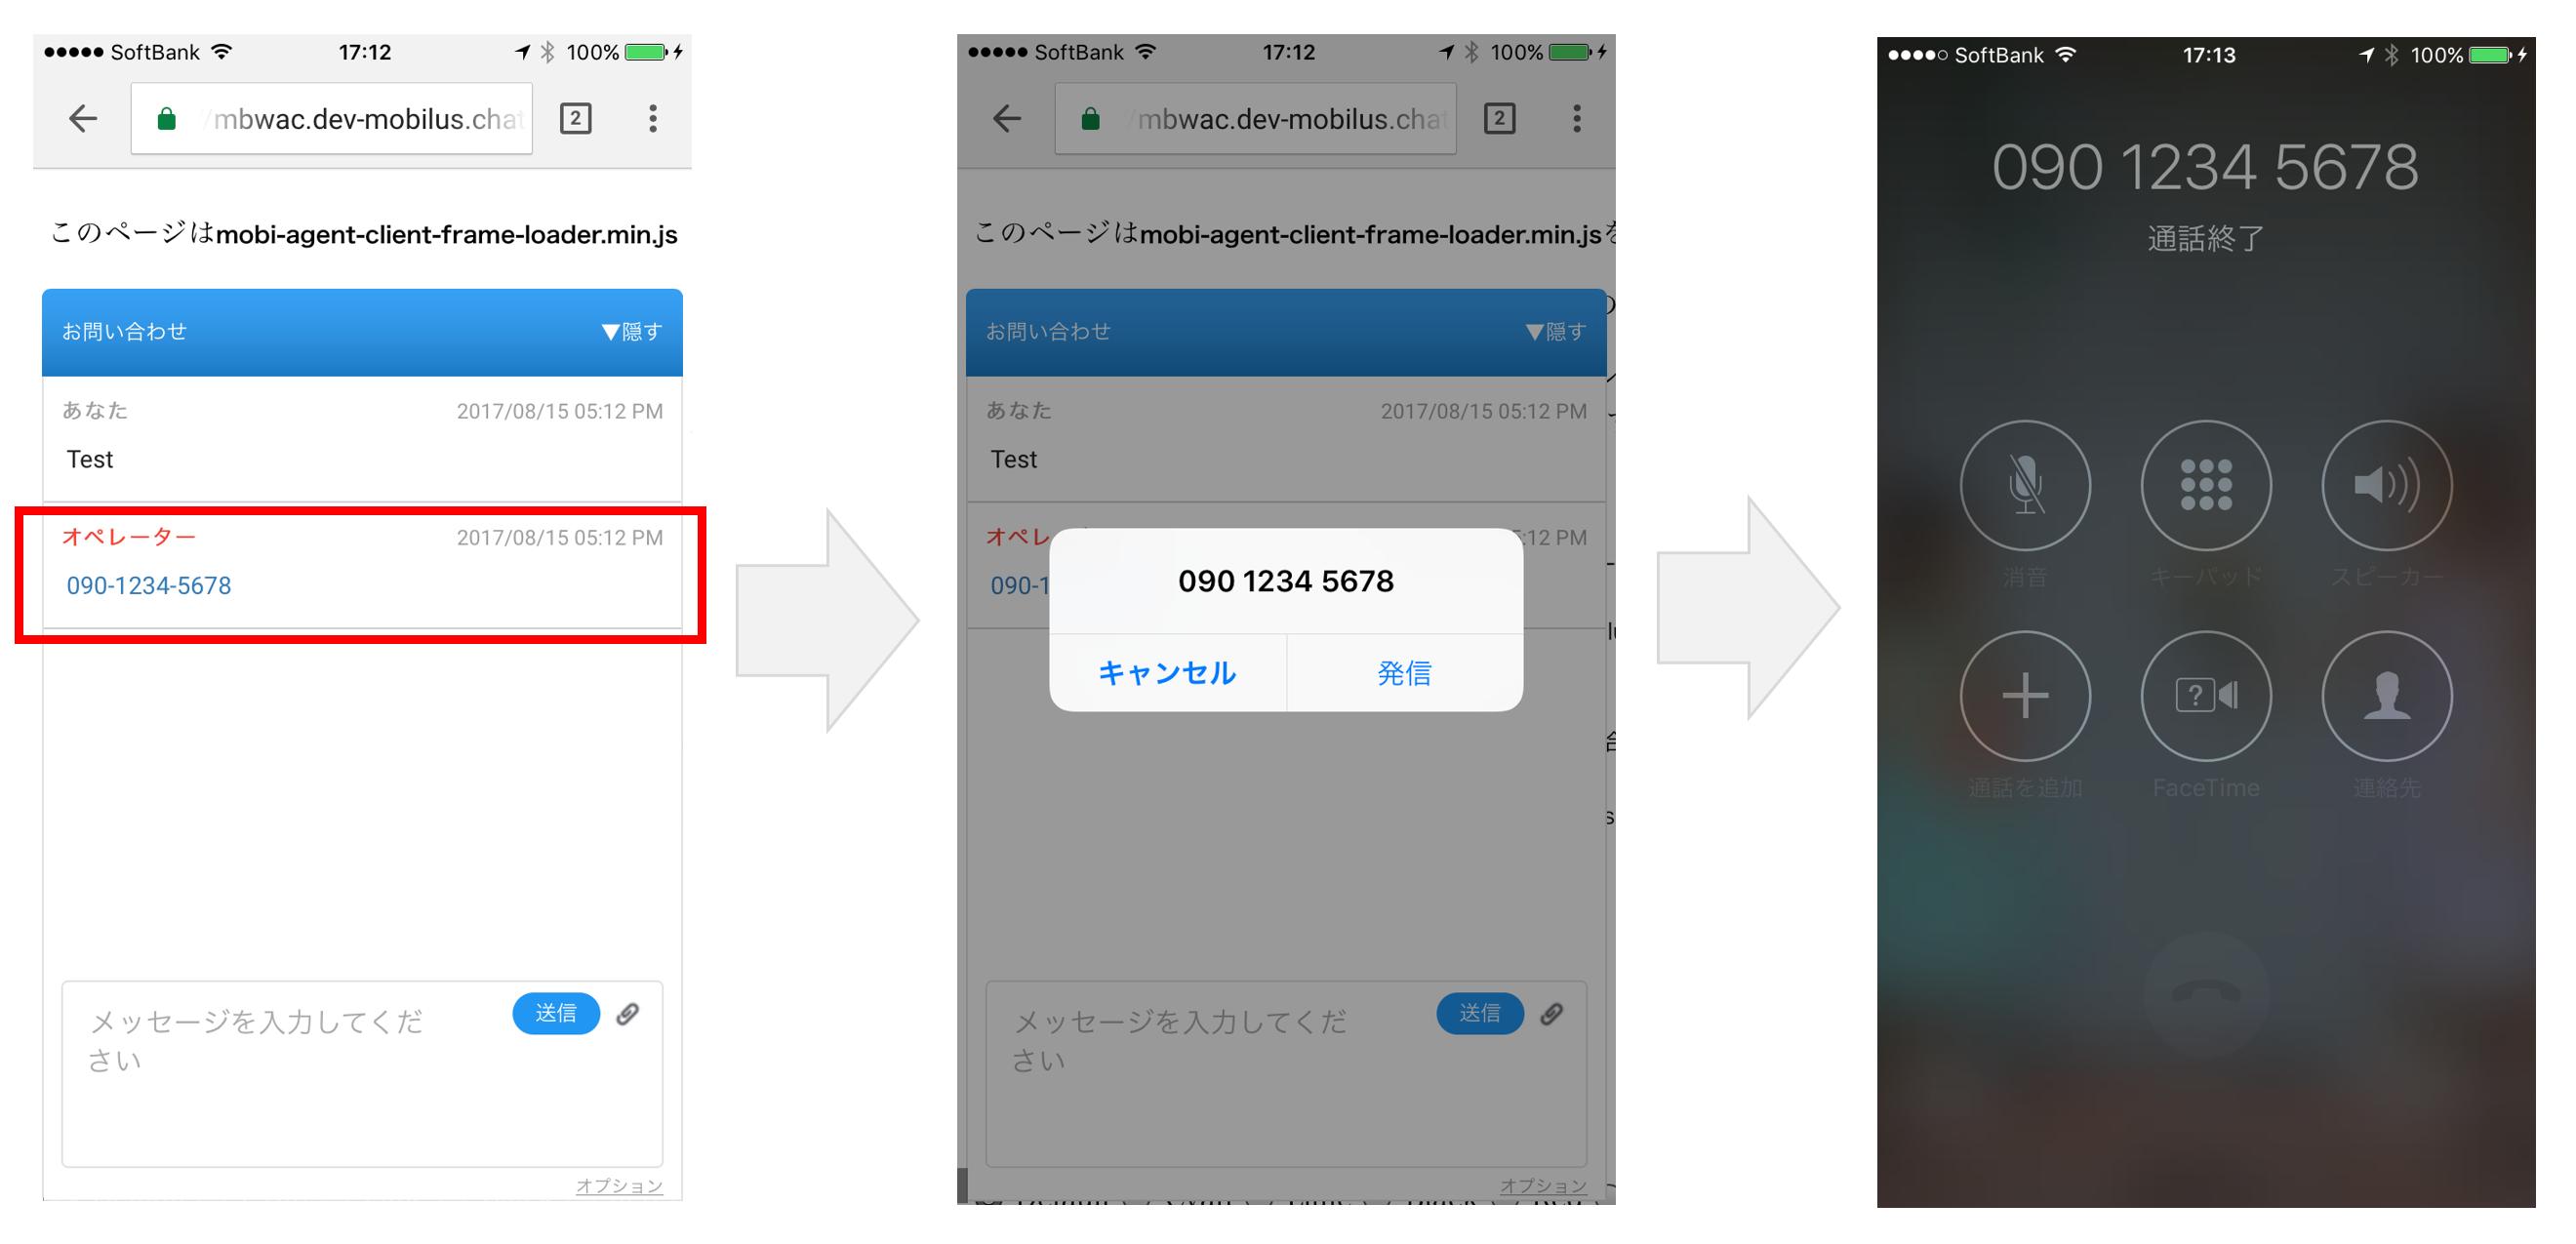 メッセージ内電話番号 自動リンク機能